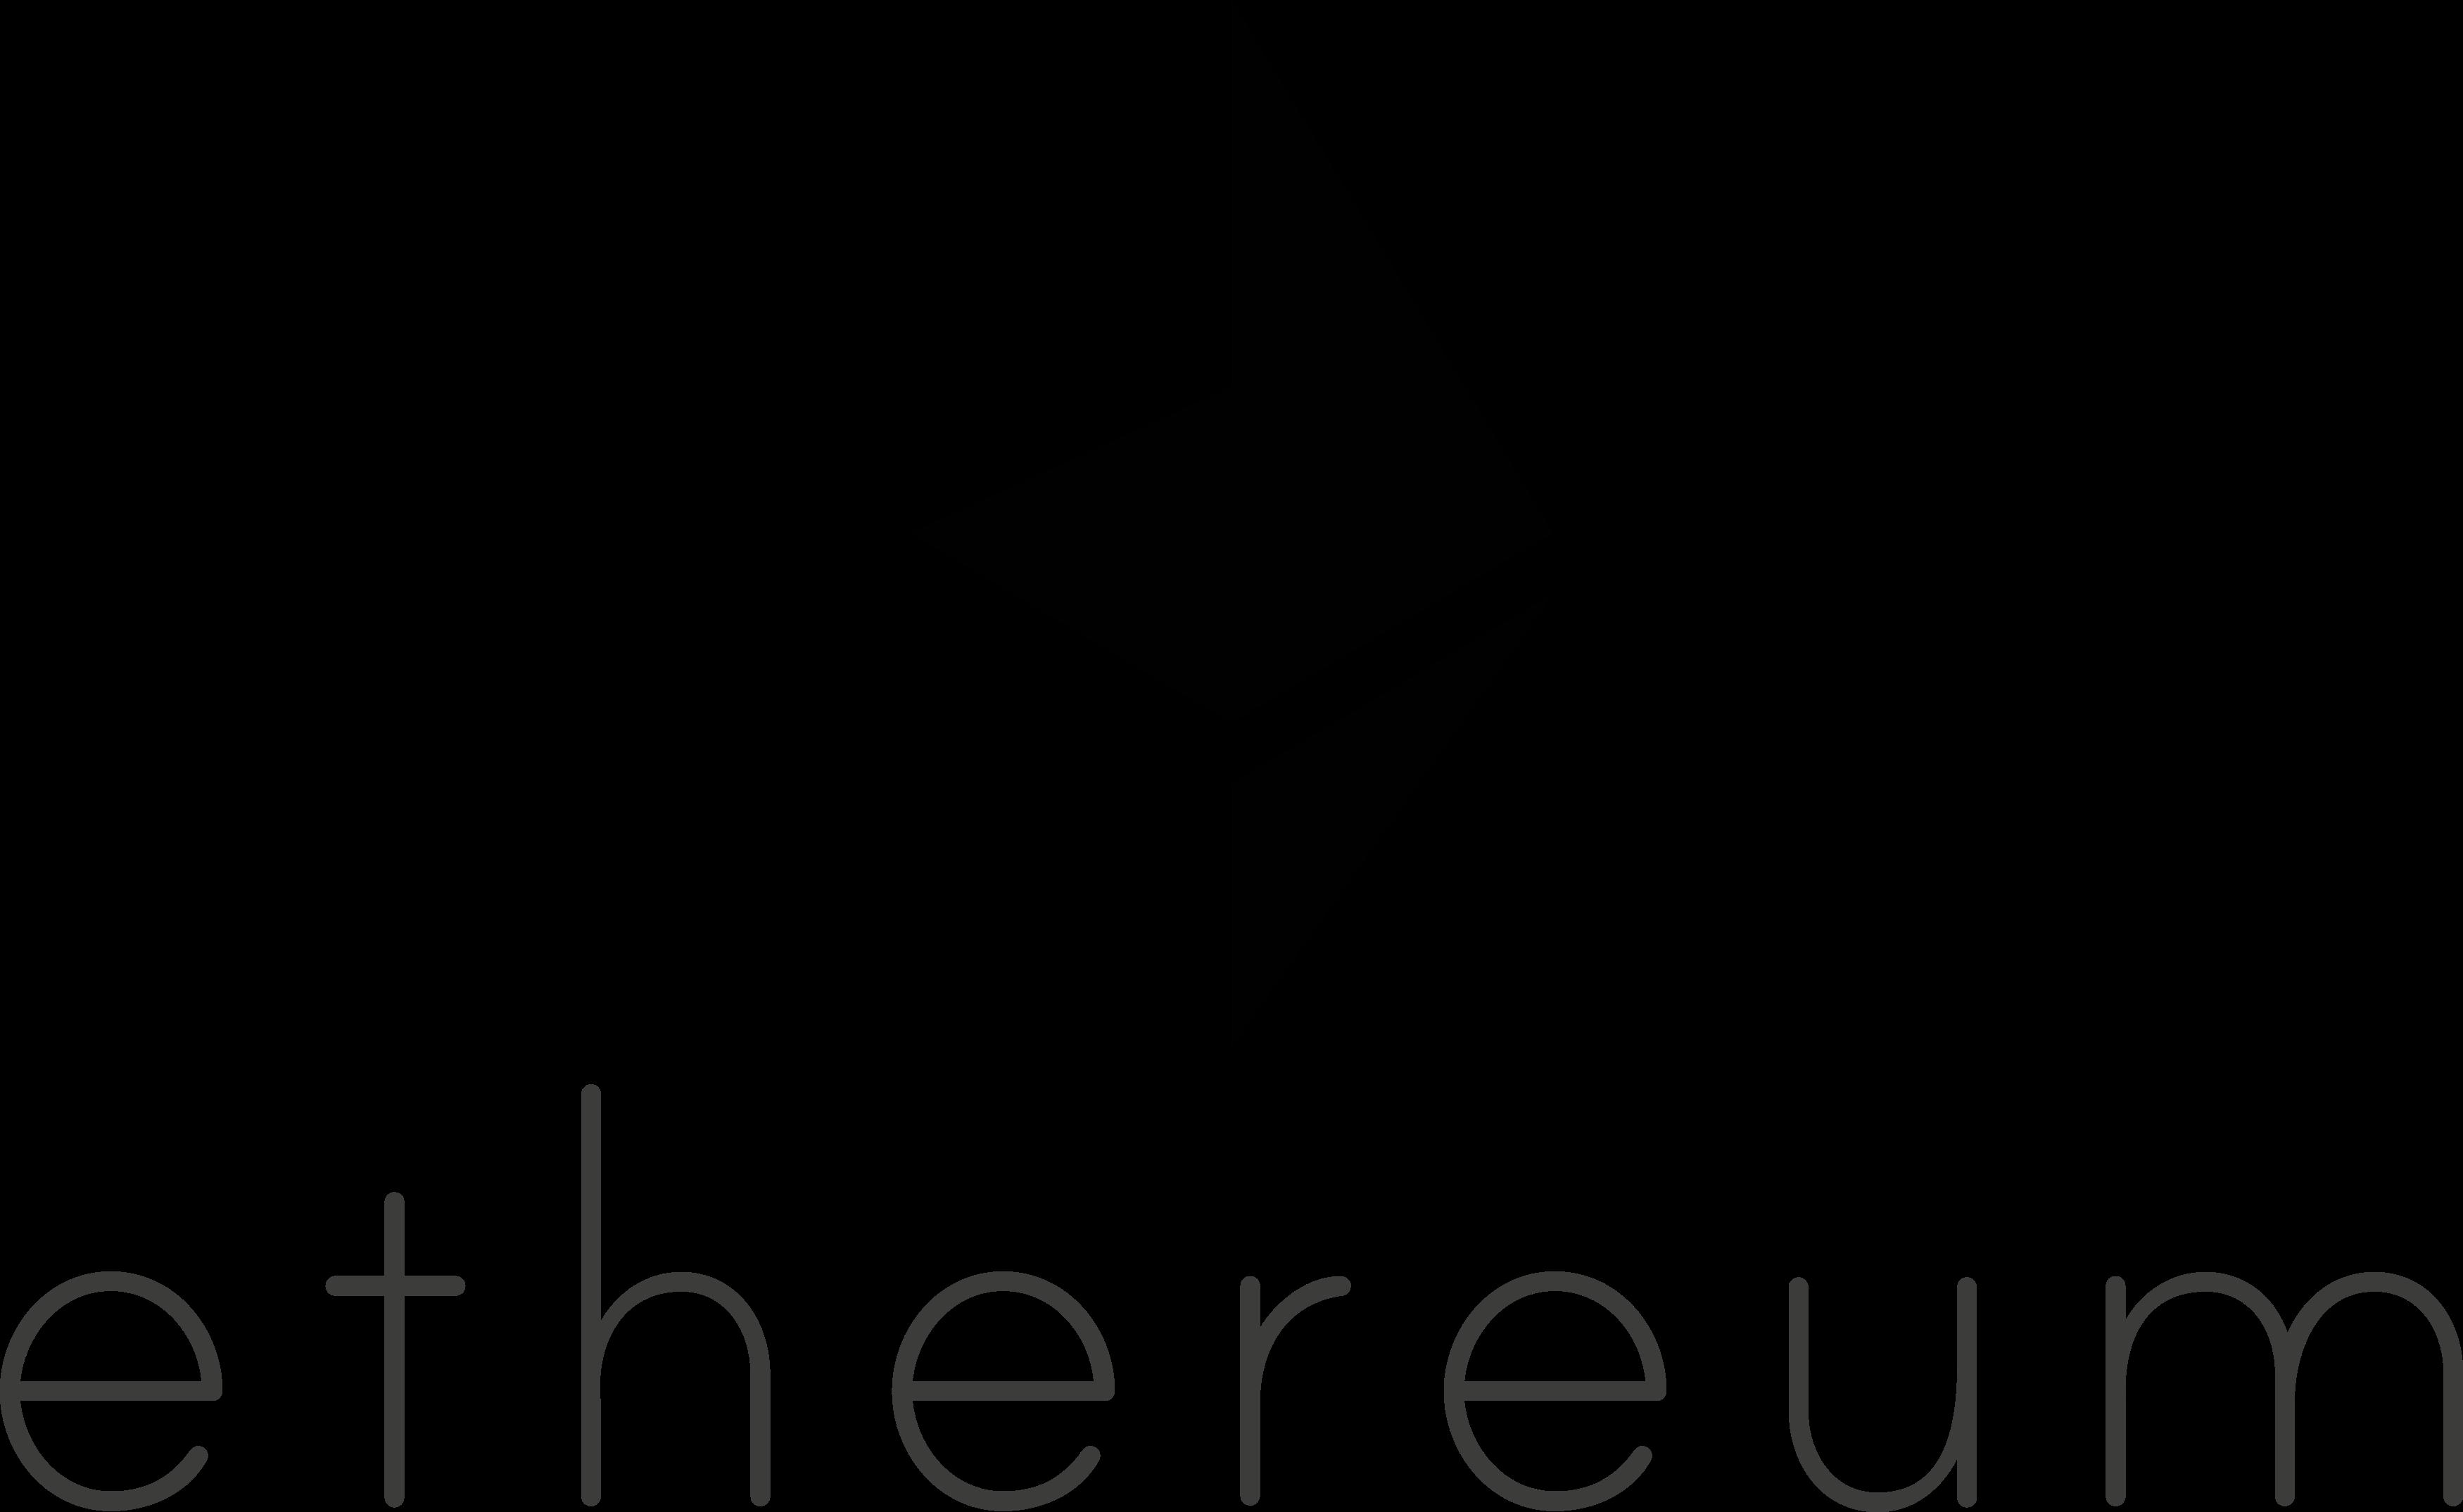 ELI5 Ethereum